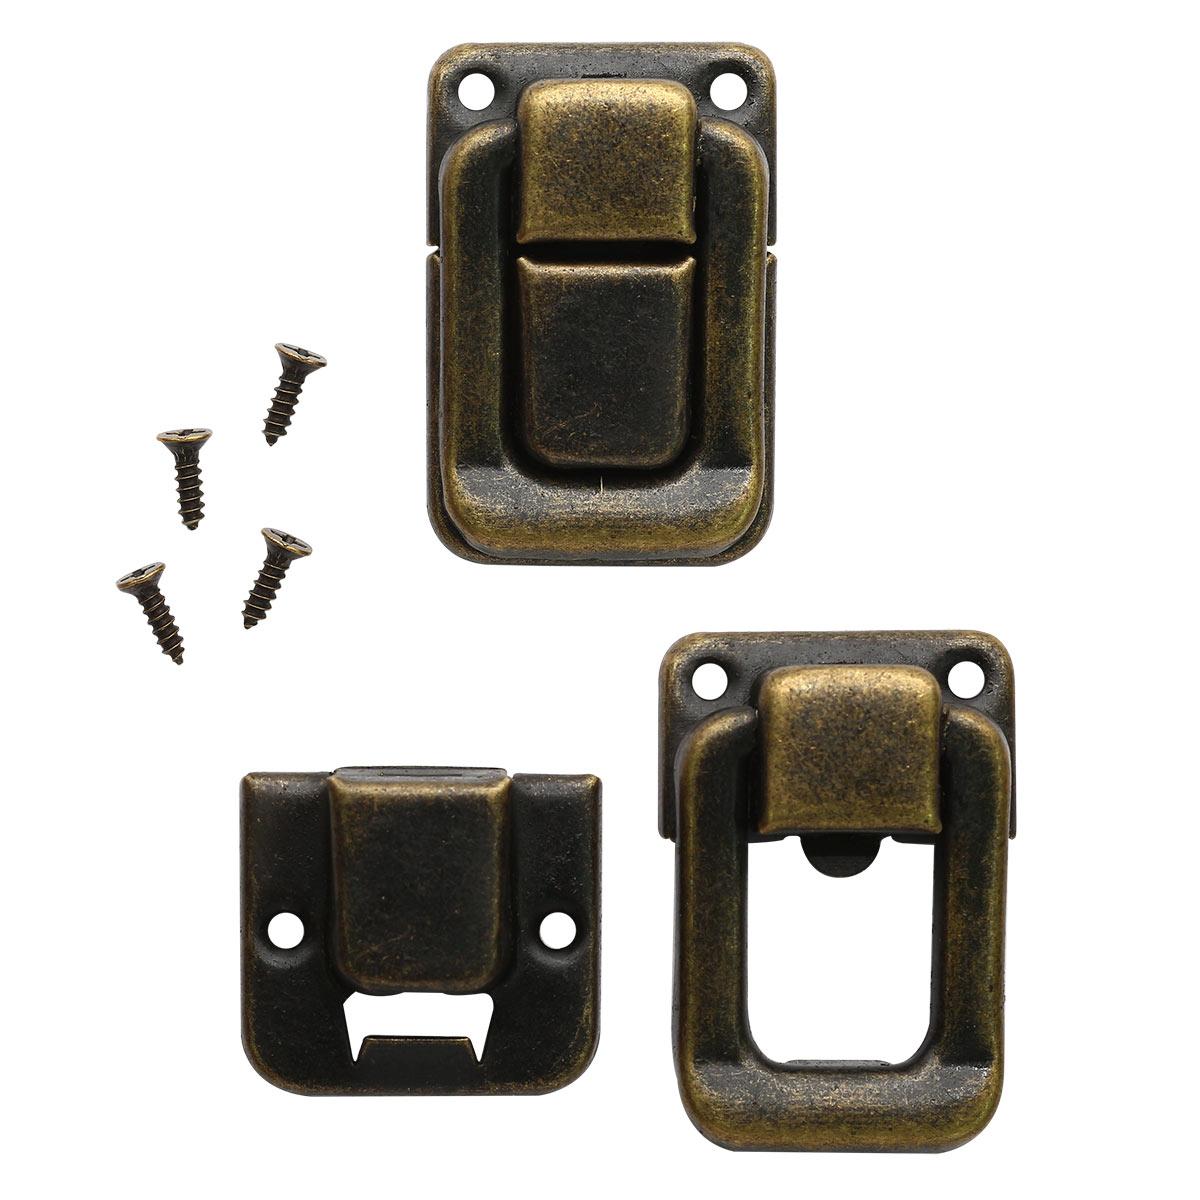 3539216 Замок металл бронза для шкатулки + гвозди упак/ 5 шт 3,6*2,5 см